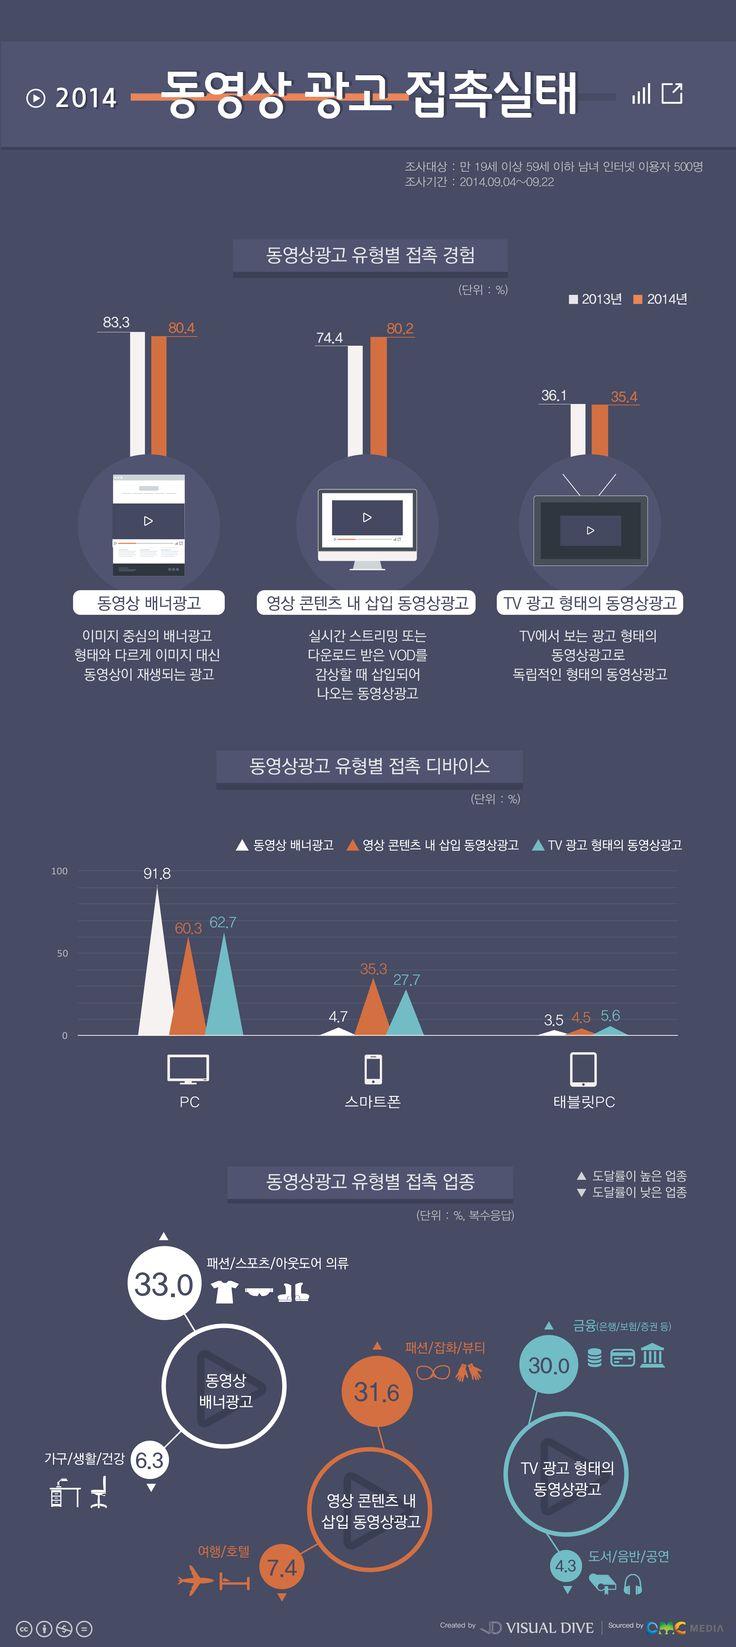 'PC‧스마트폰‧태블릿'디바이스 통한 동영상광고 접촉률 증가 [인포그래픽] #Video AD / #Infographic ⓒ 비주얼다이브 무단 복사·전재·재배포 금지